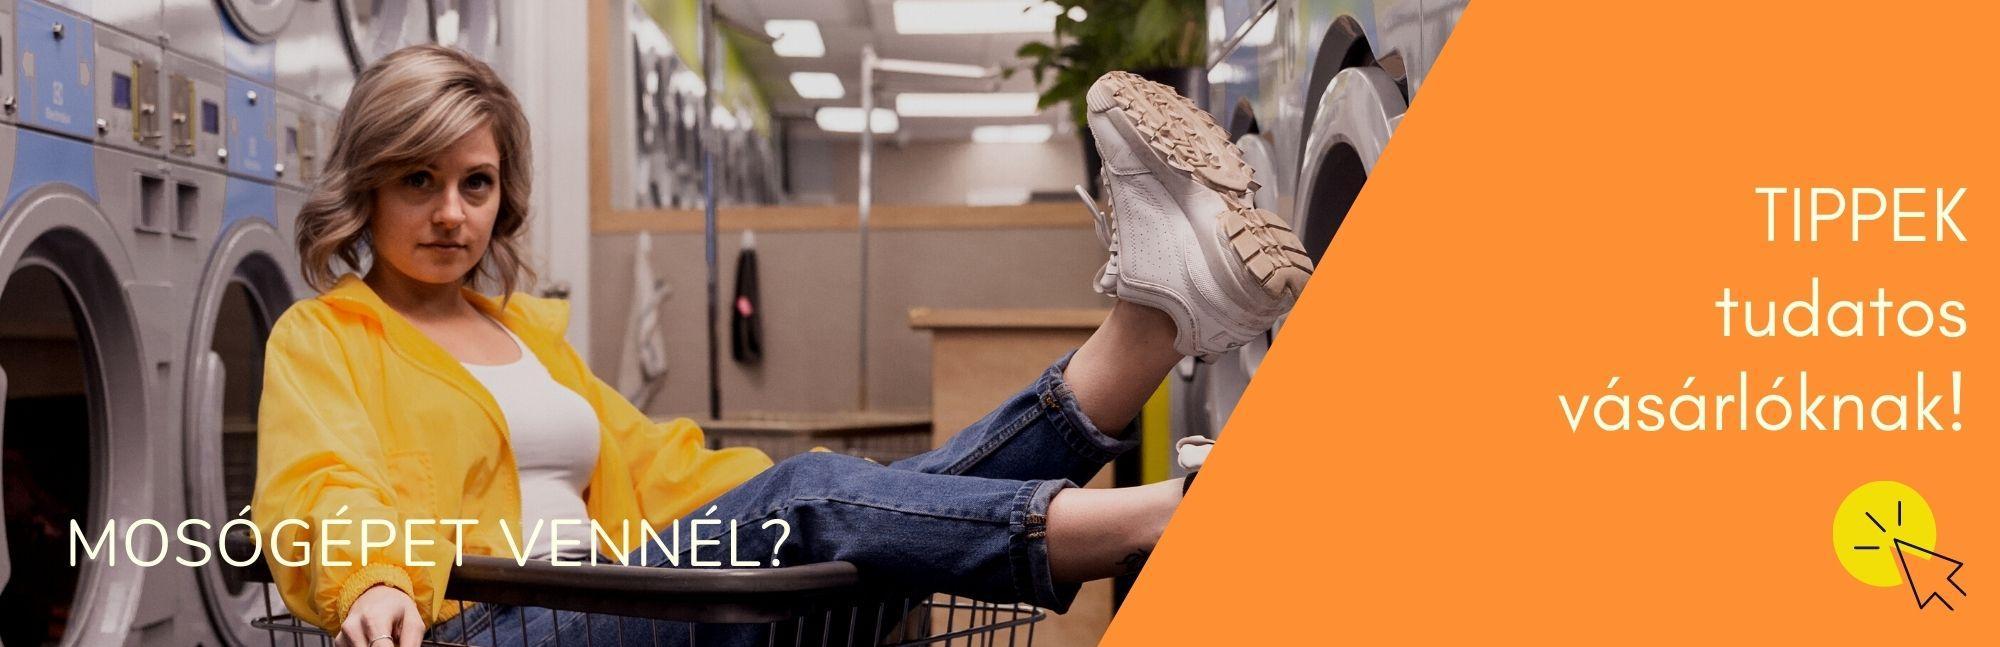 mosógép vásárlási tippek